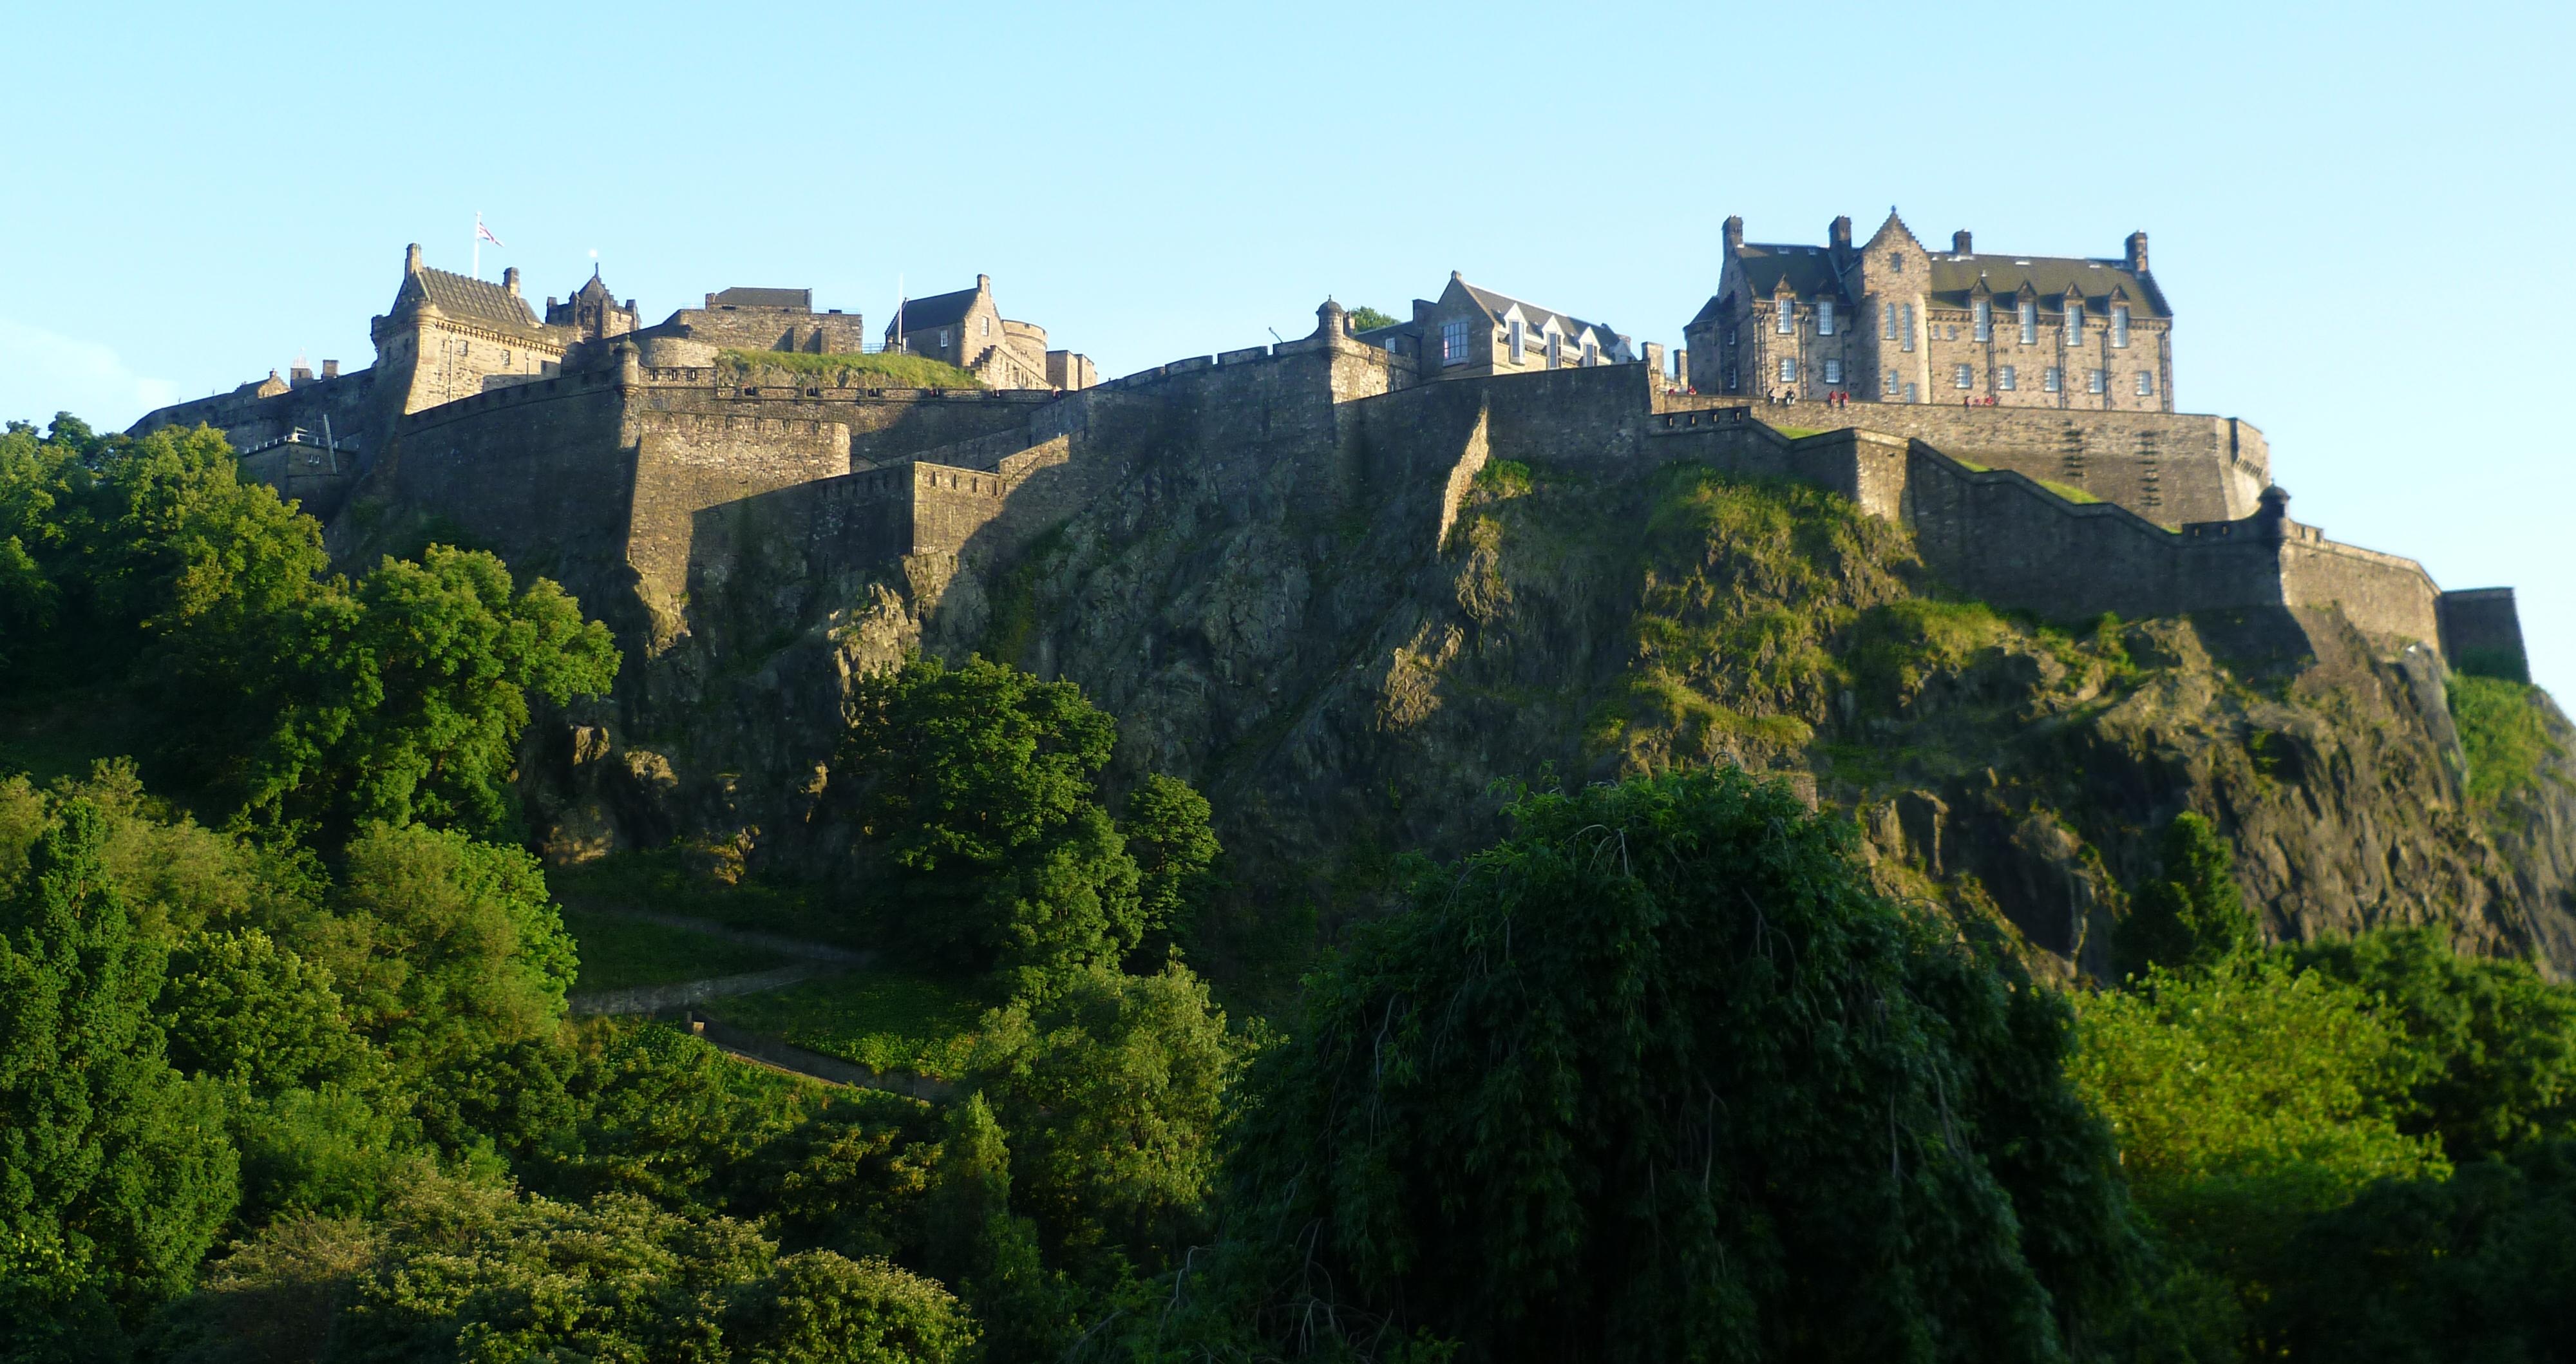 schola-idiomas-castillo-edimburgo